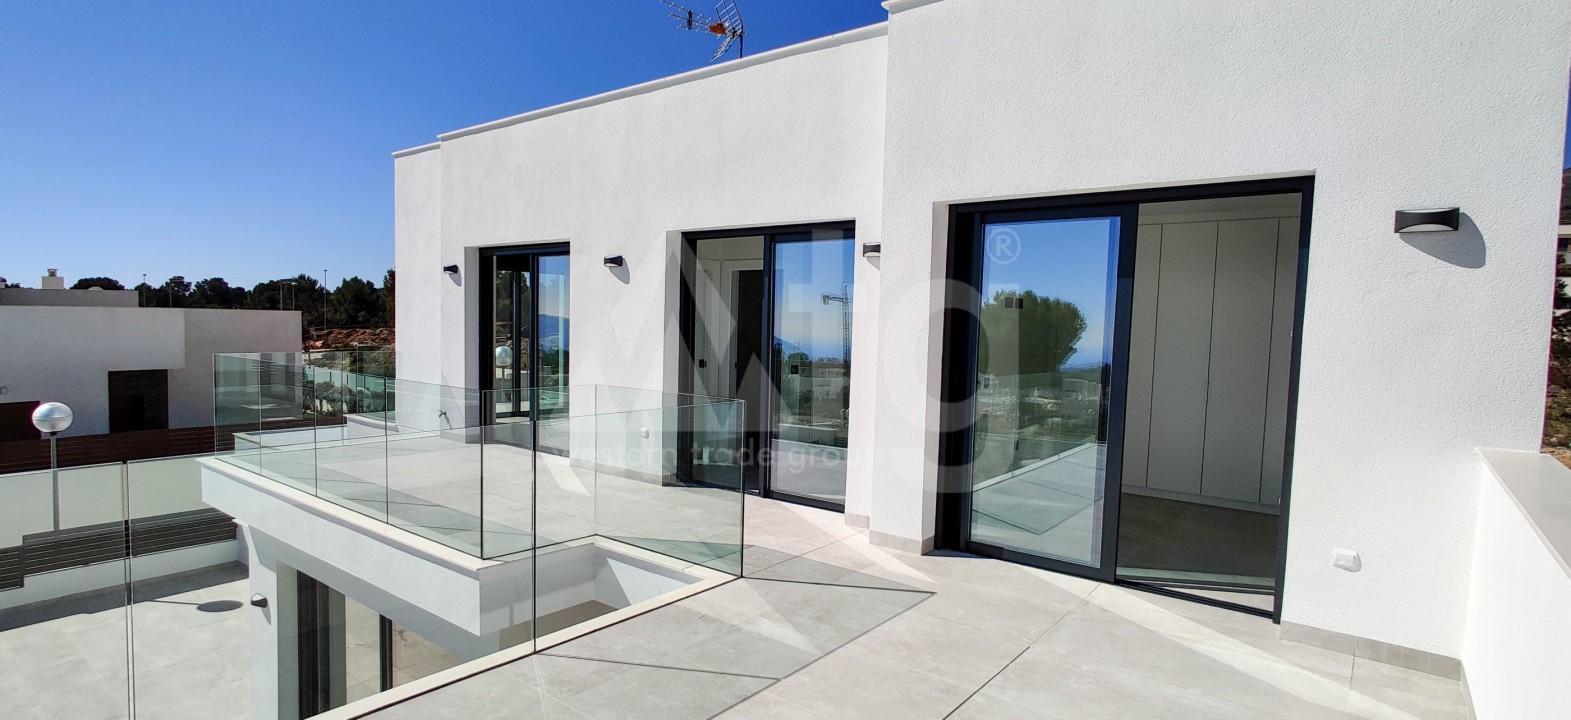 3 bedroom Villa in Dehesa de Campoamor  - AGI115705 - 17